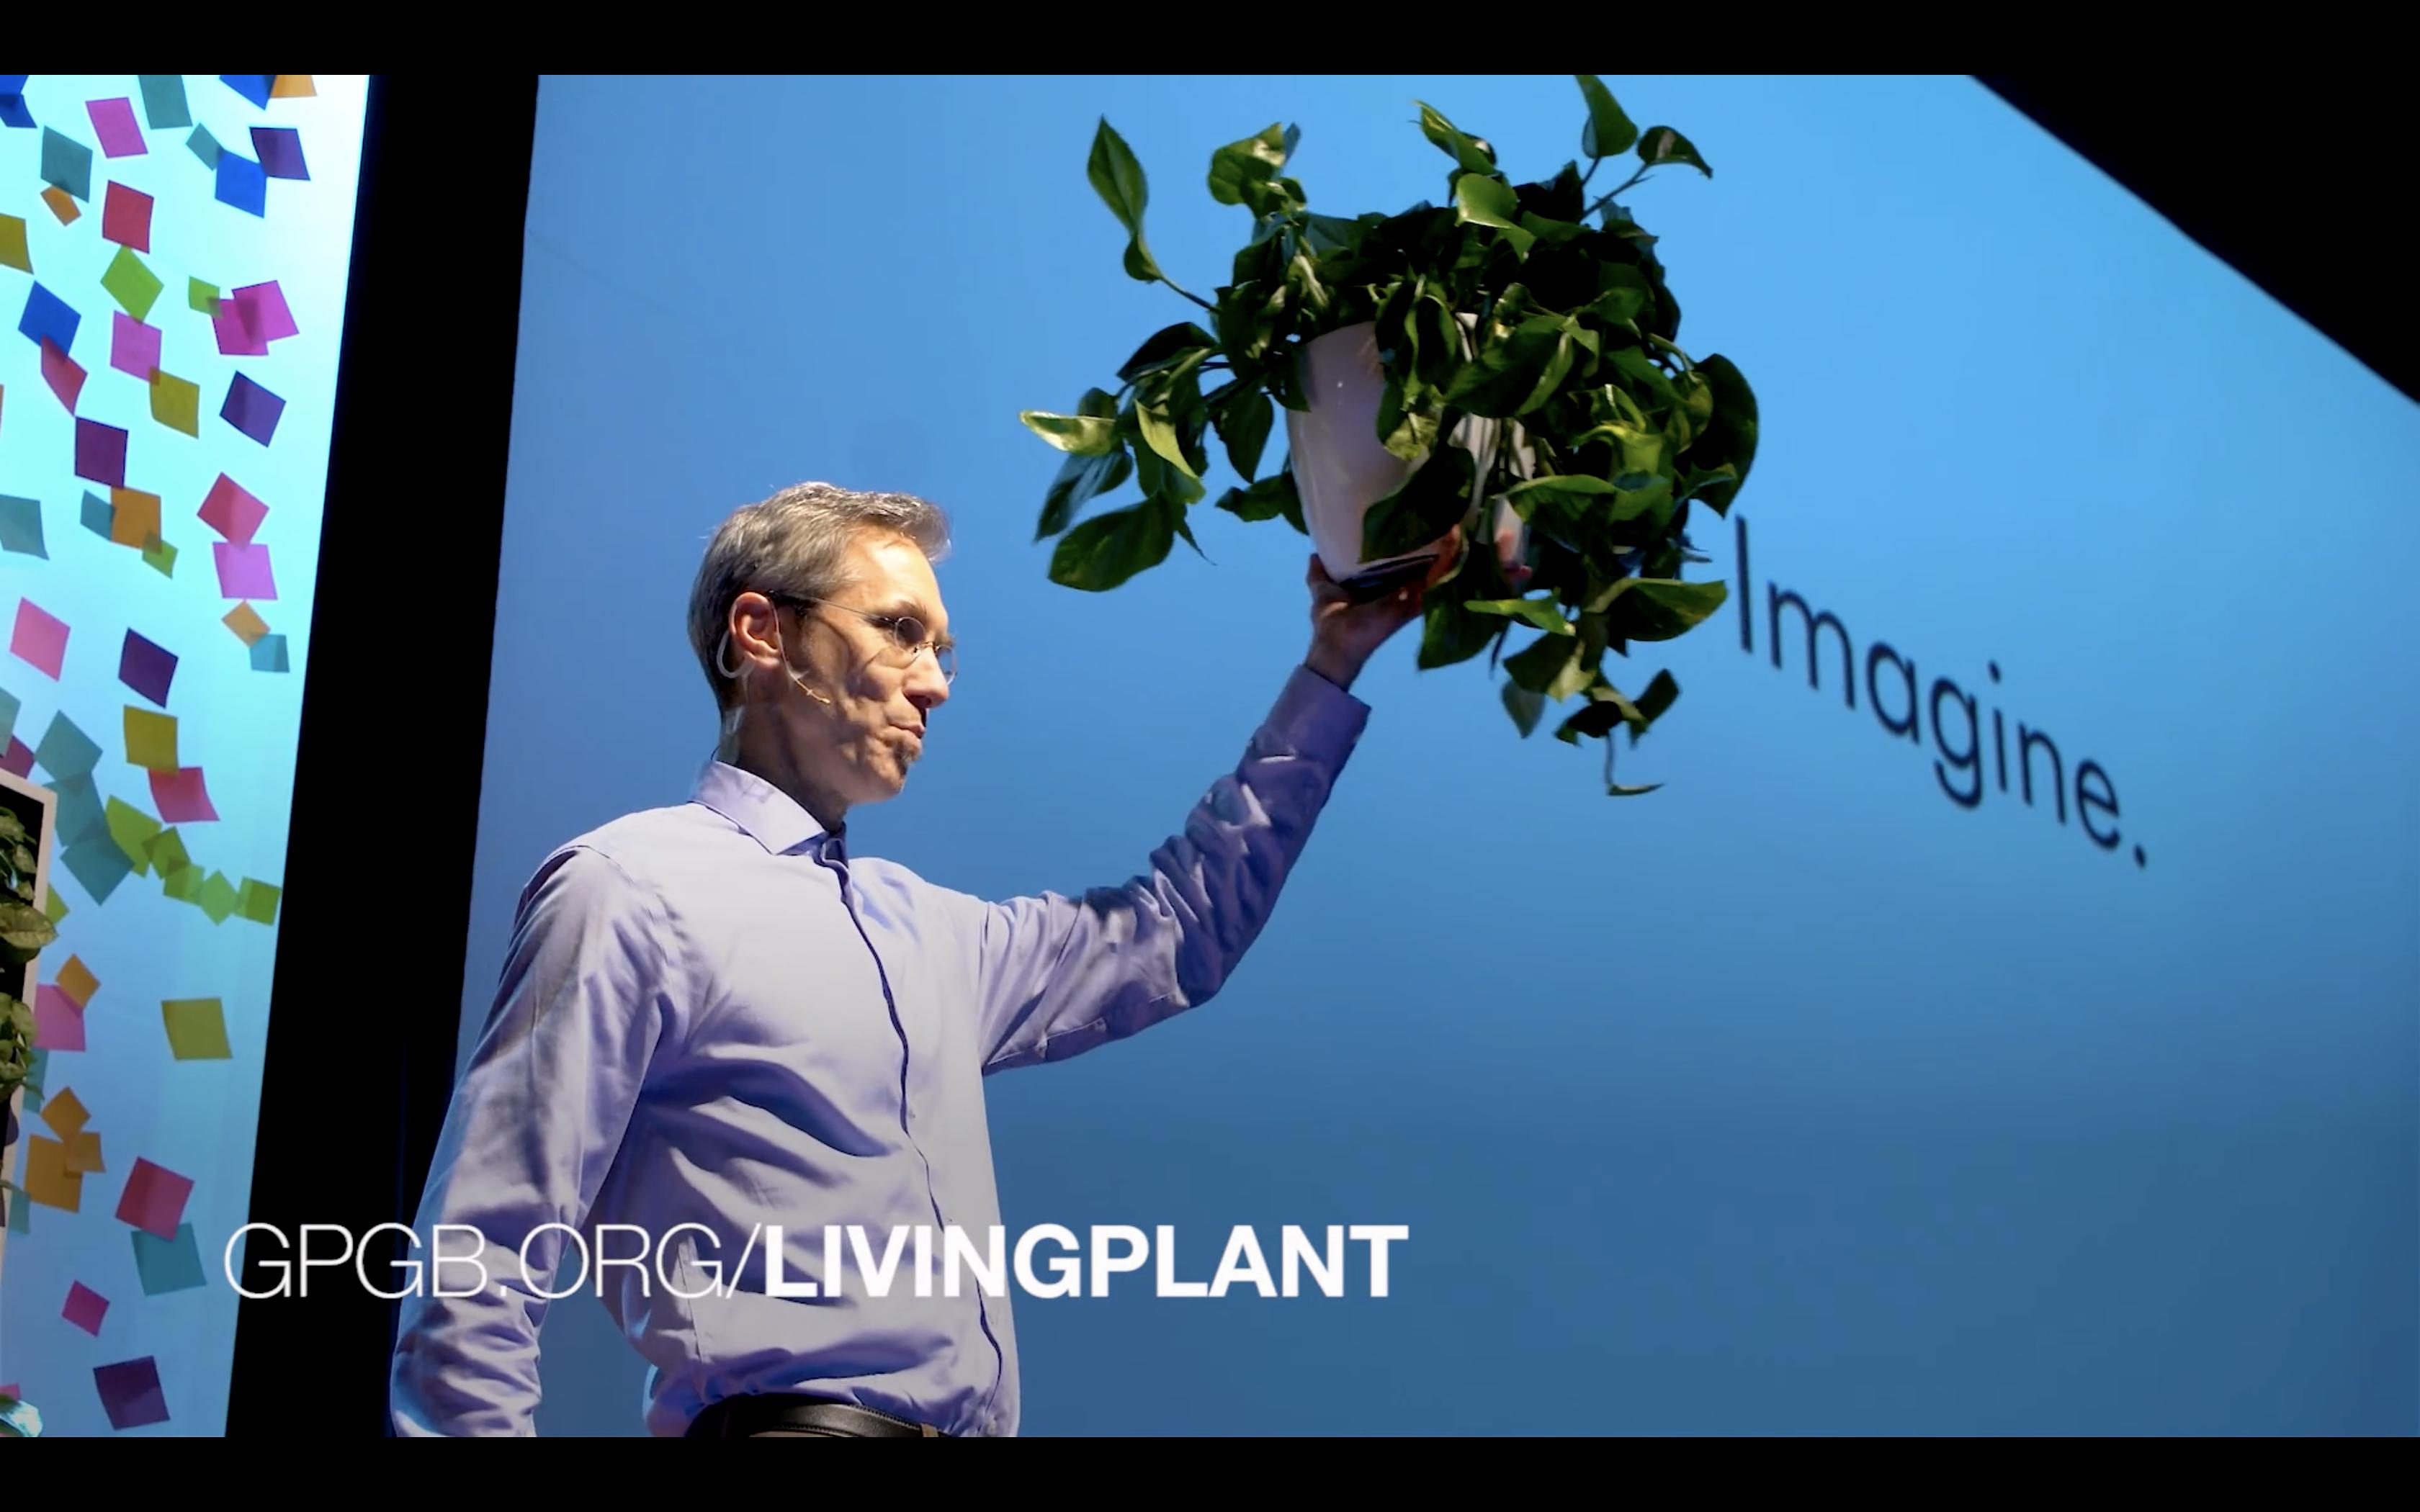 LivingPlant™ image 2